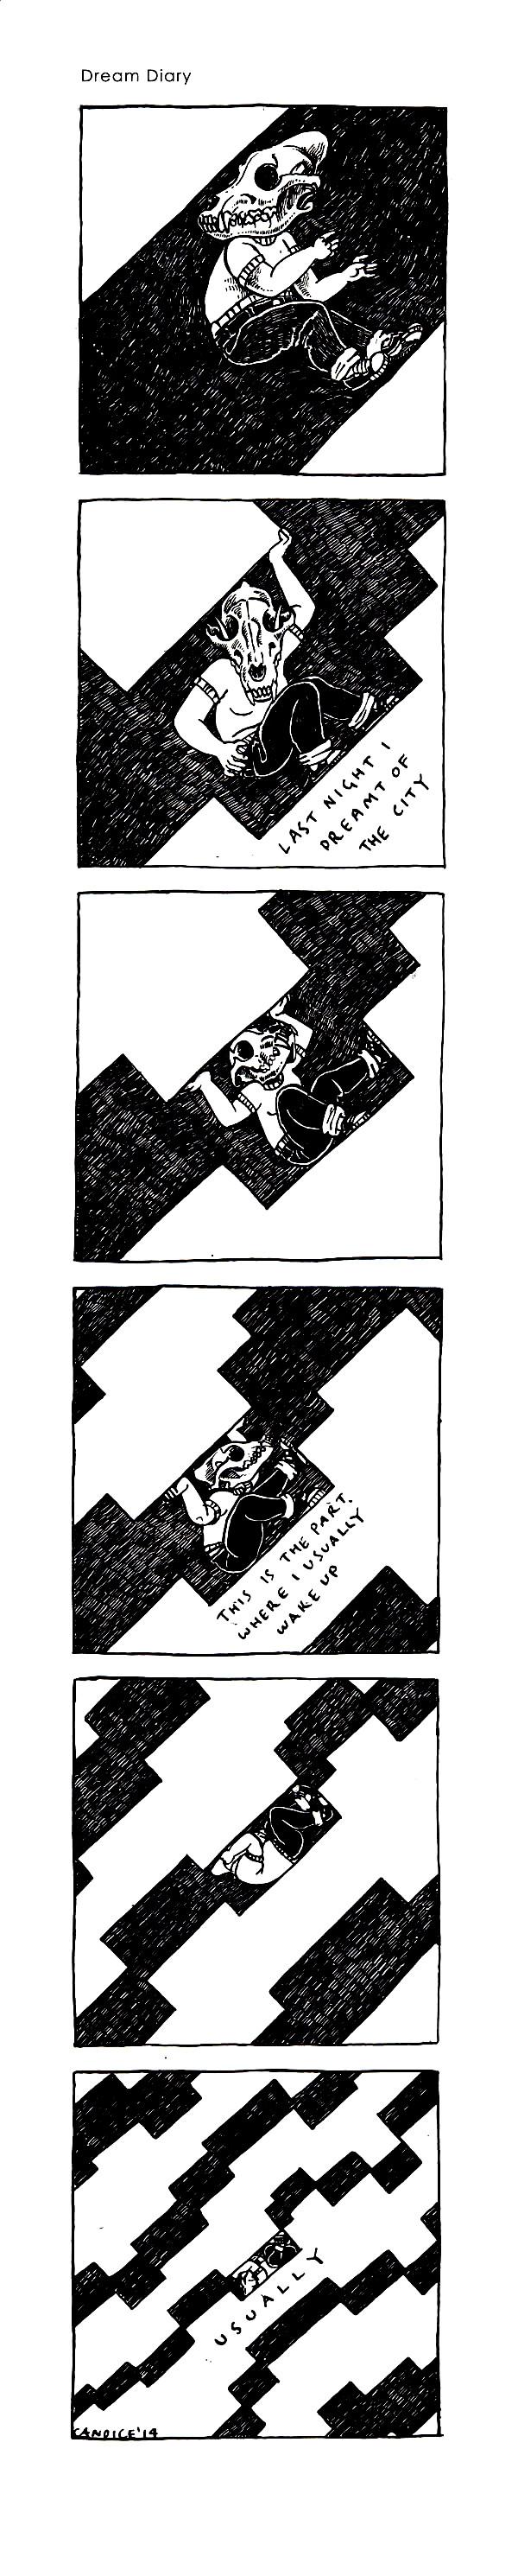 2_5.jpg